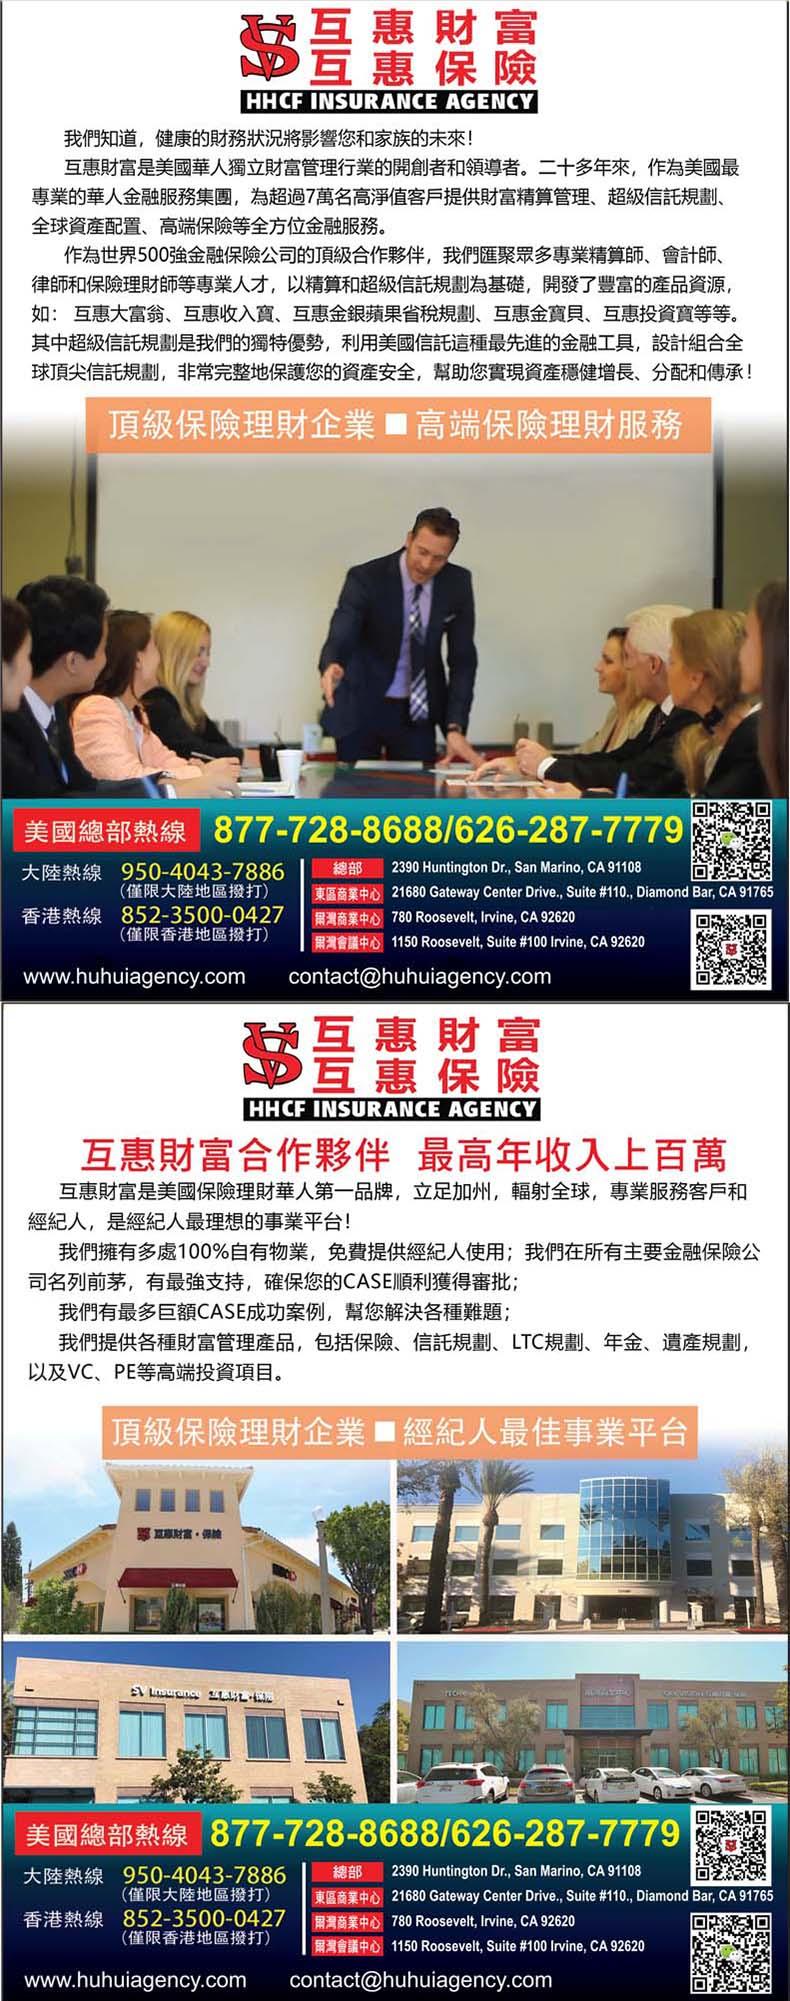 互惠財富‧互惠保險  HHCF INSURANCE AGENCY - 華人工商黃頁